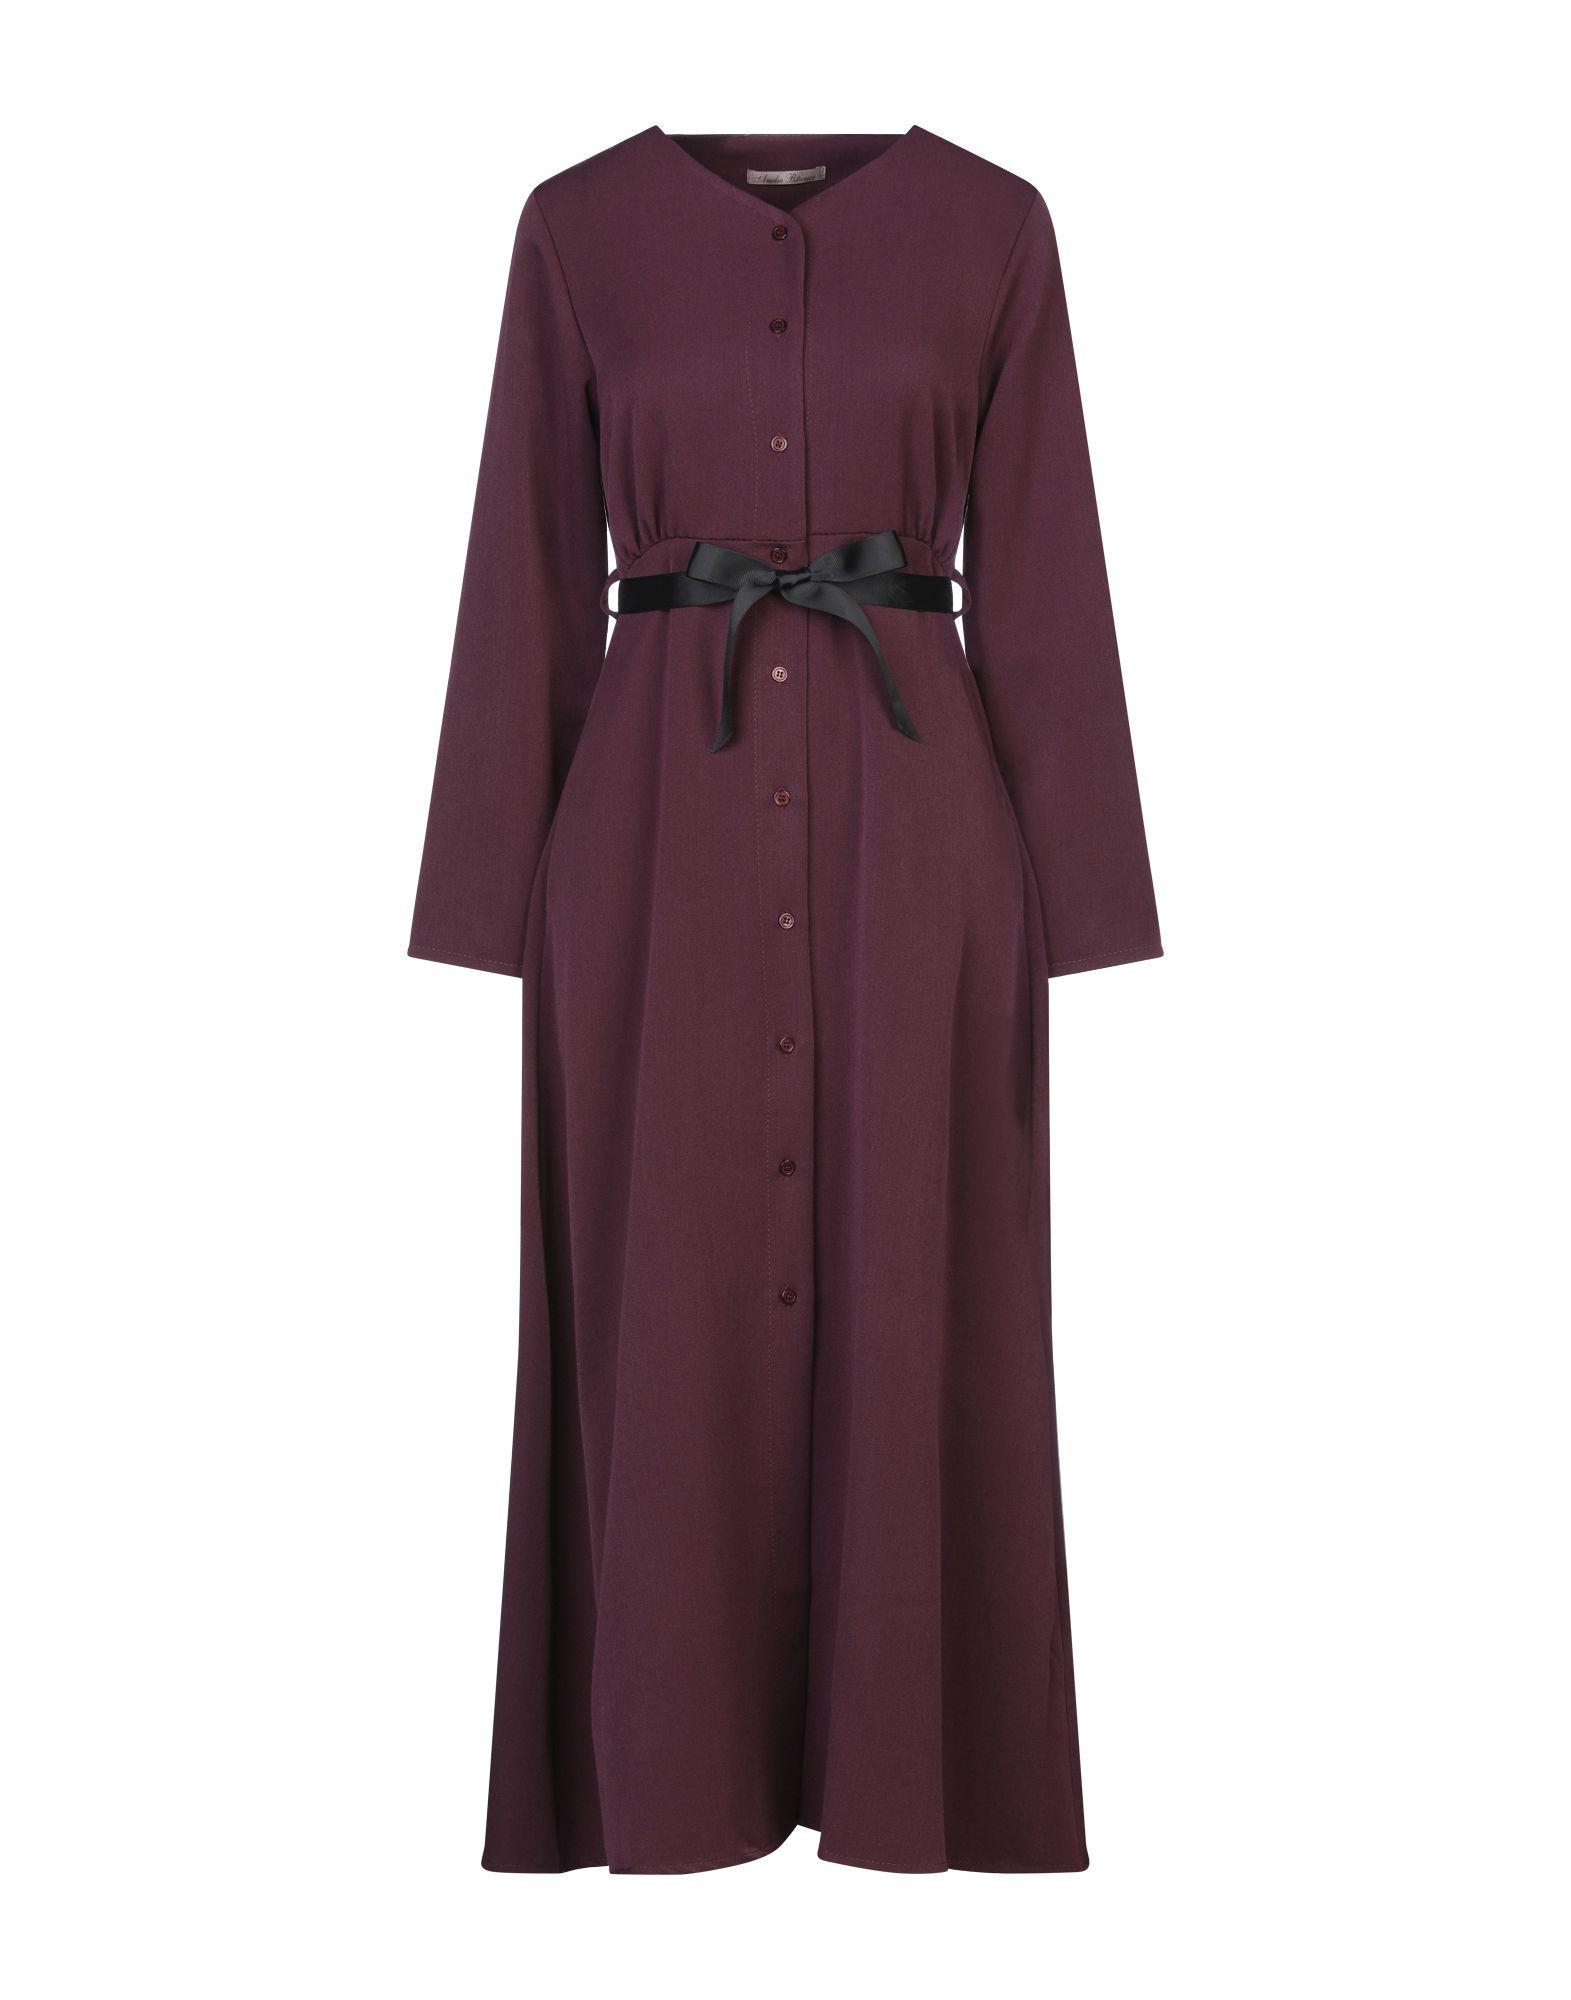 цена AMELIE RÊVEUR Платье длиной 3/4 онлайн в 2017 году